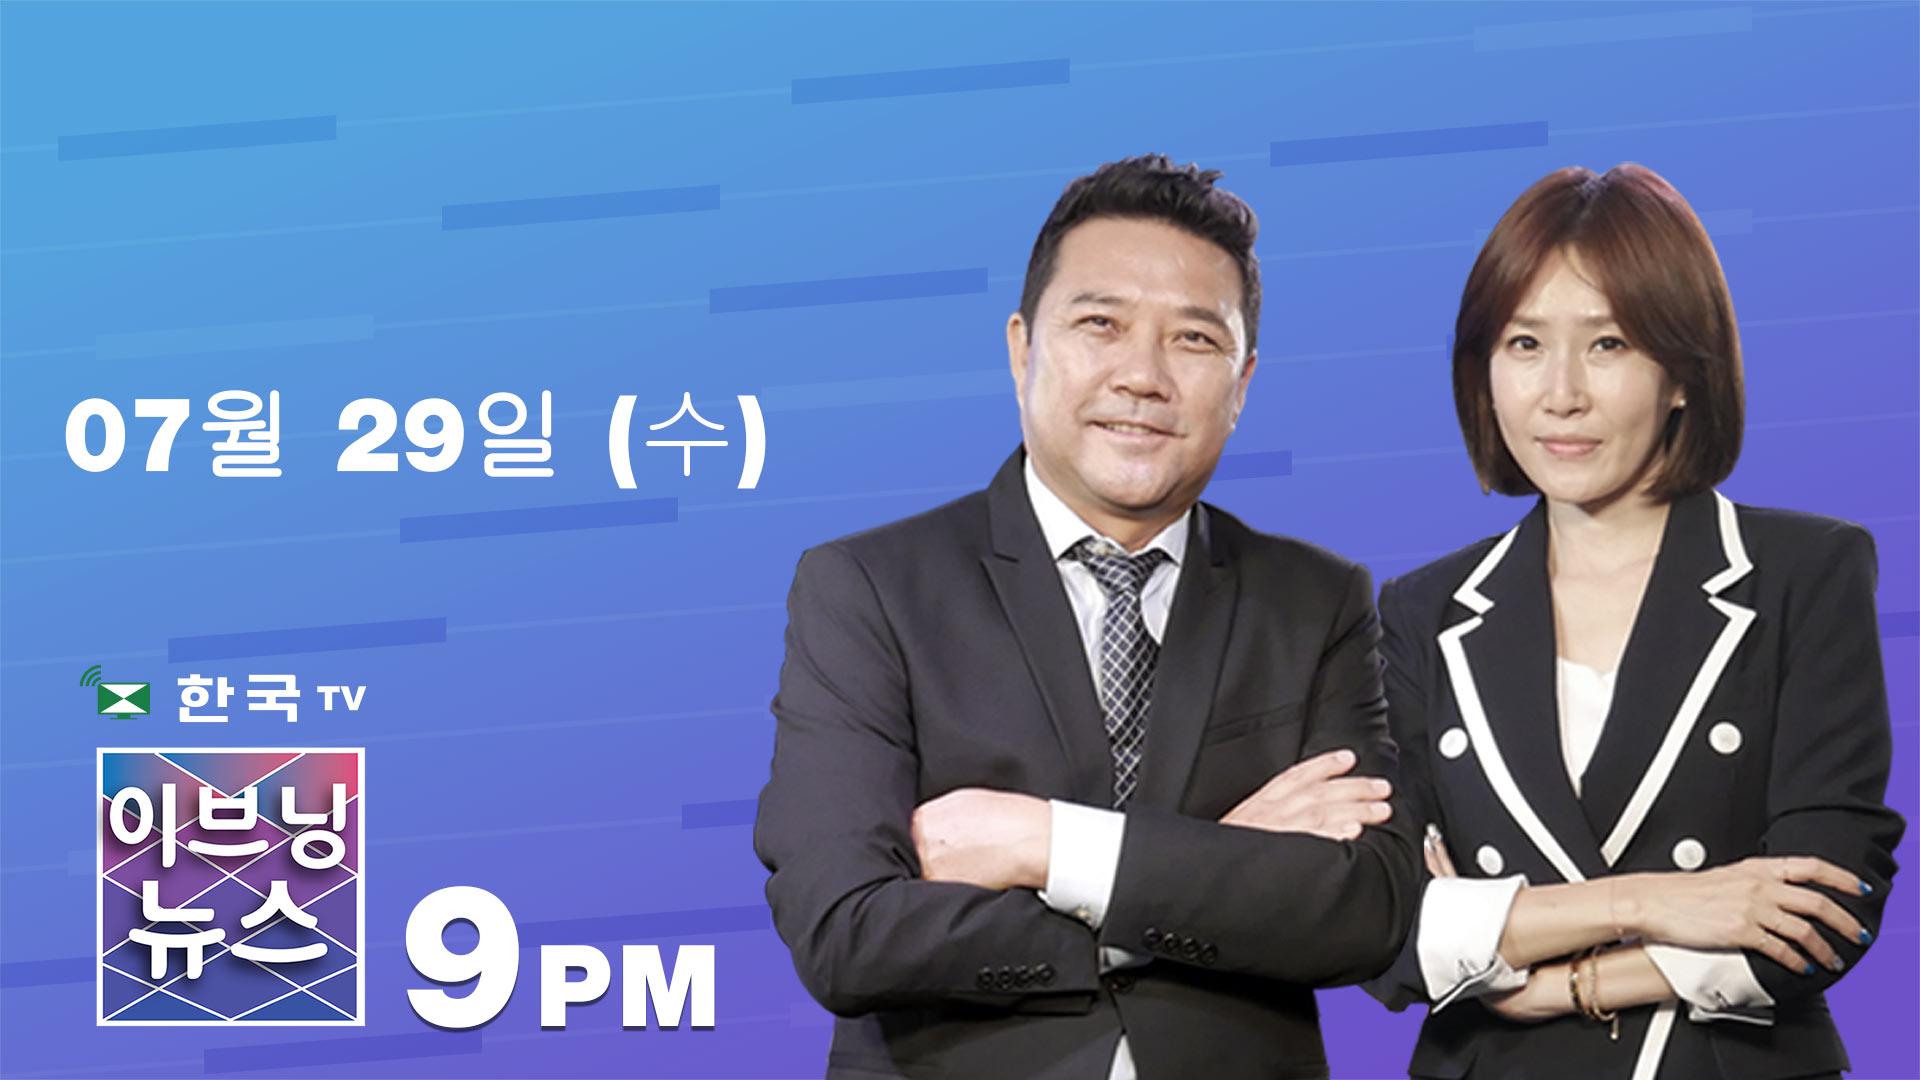 (07.29.2020) 한국TV 이브닝 뉴스